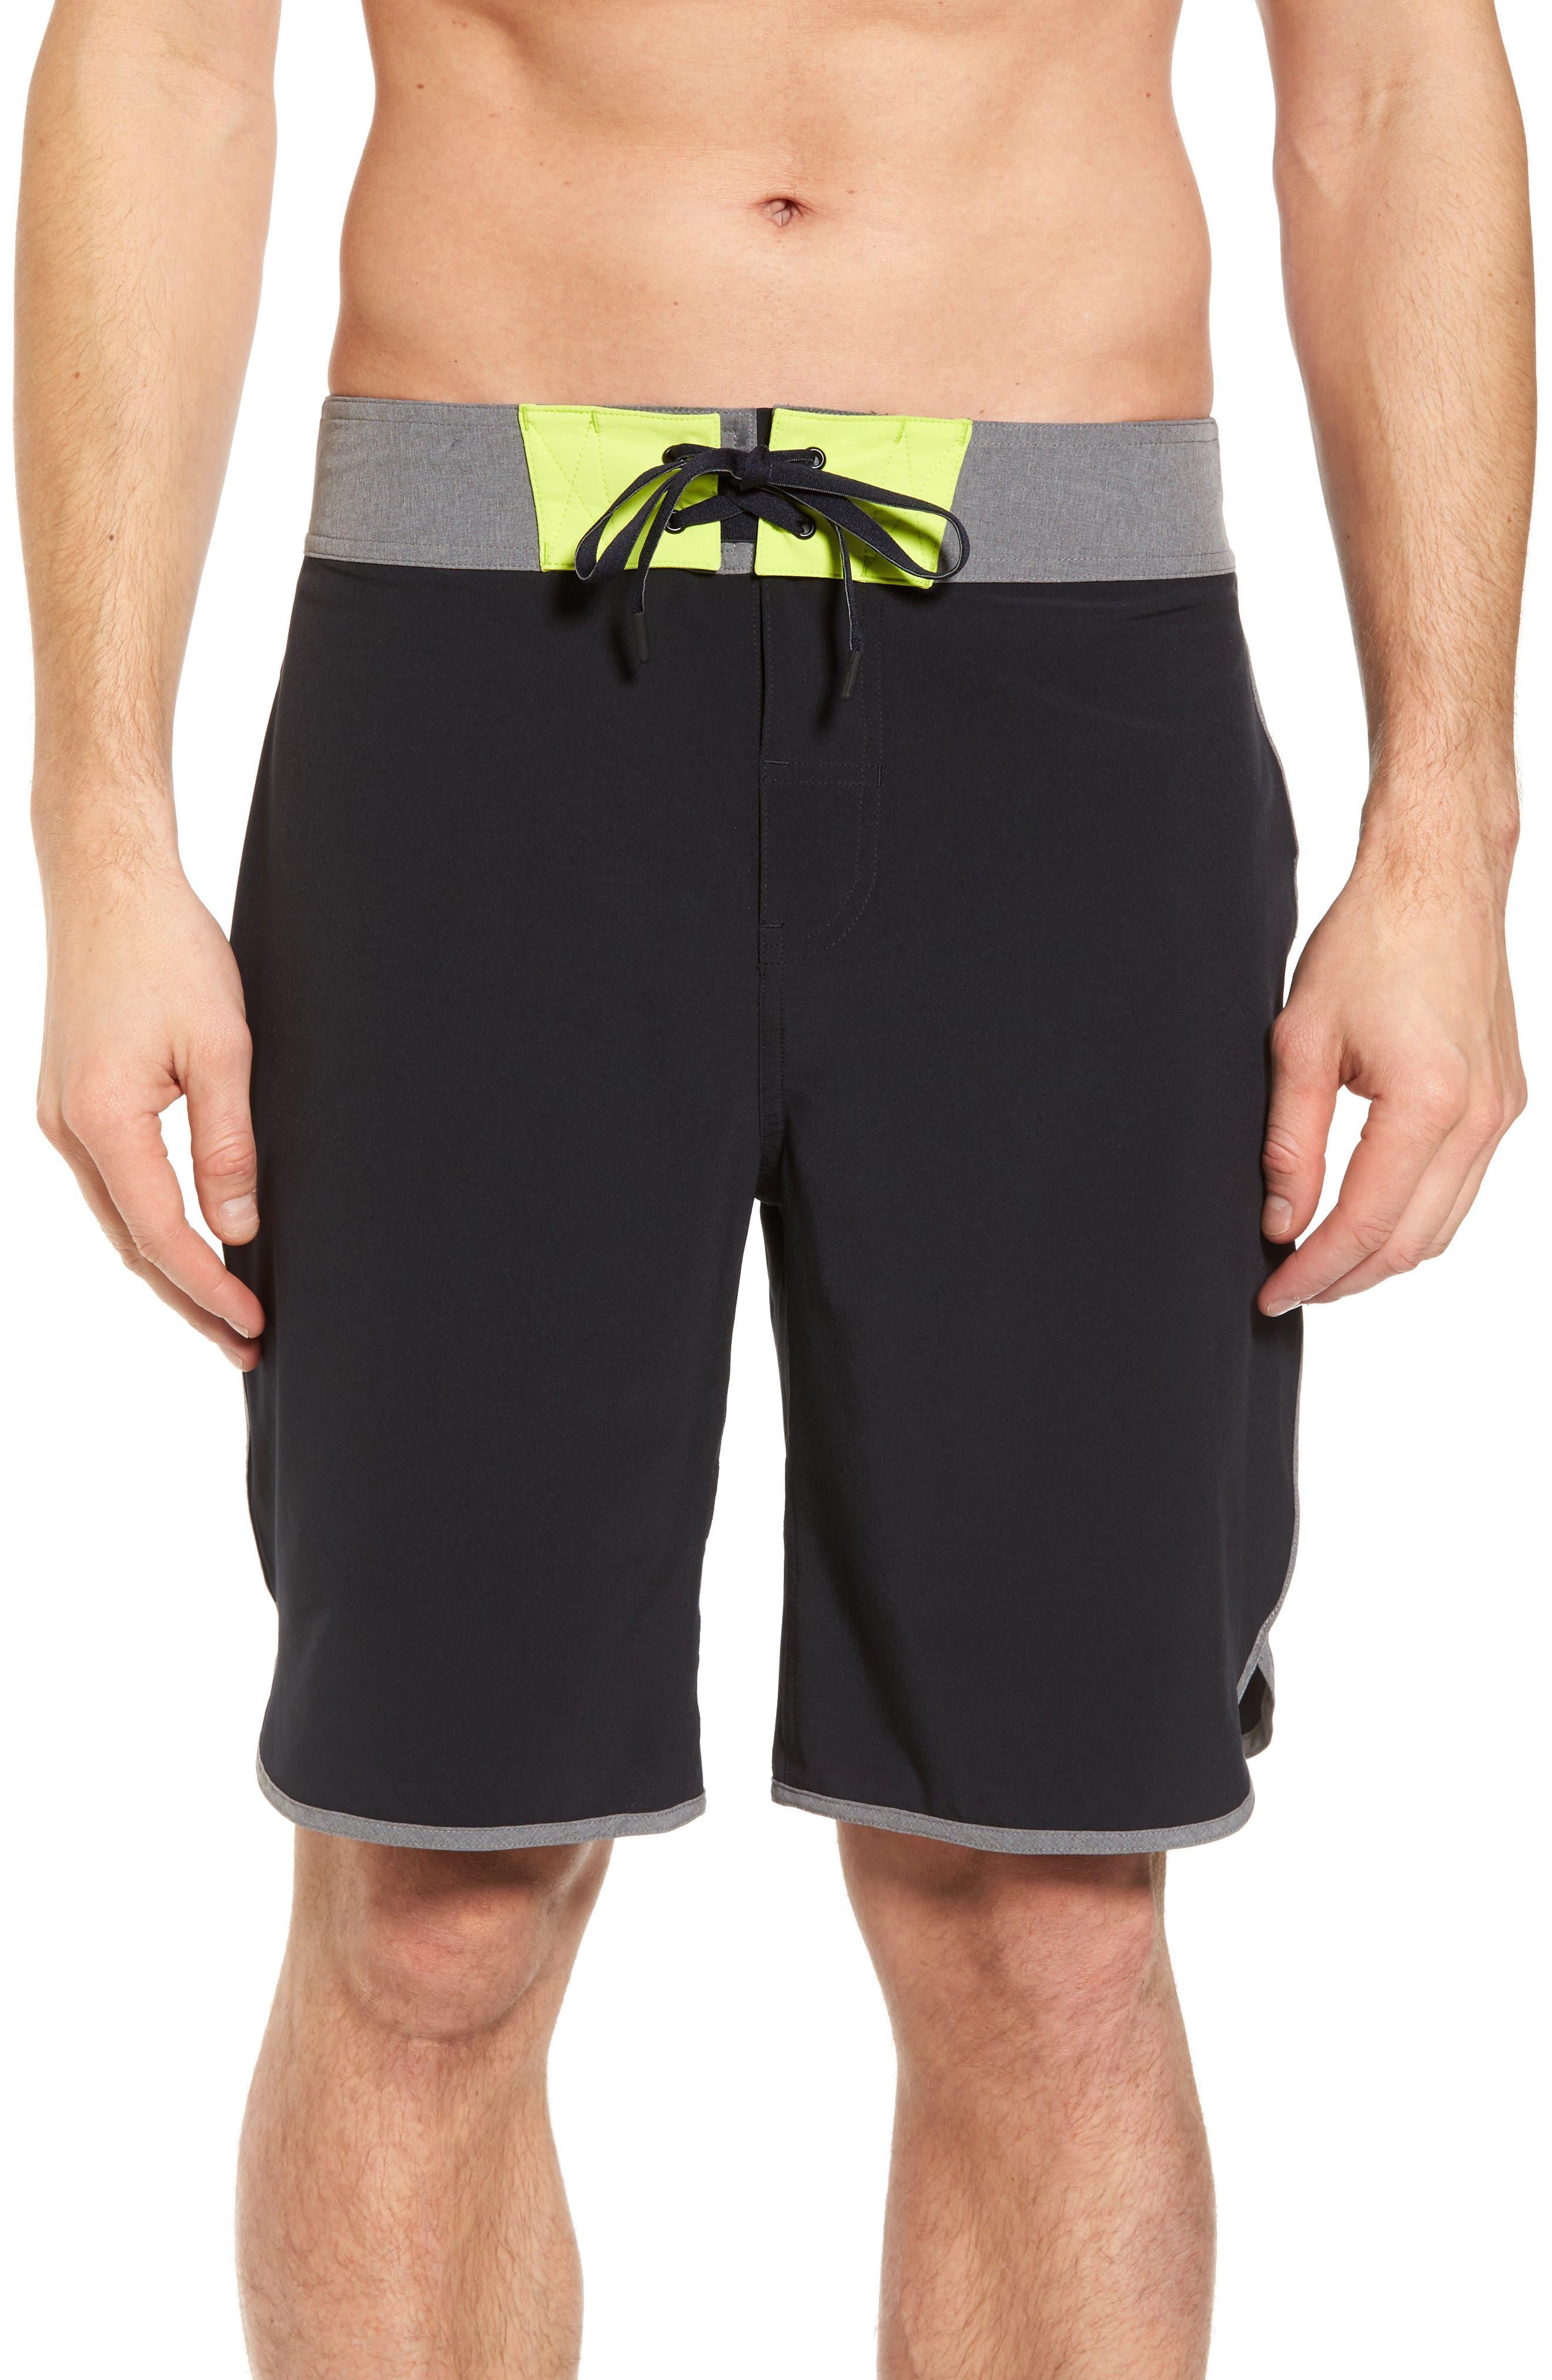 Beachbody Flex Hybrid Athletic Shorts